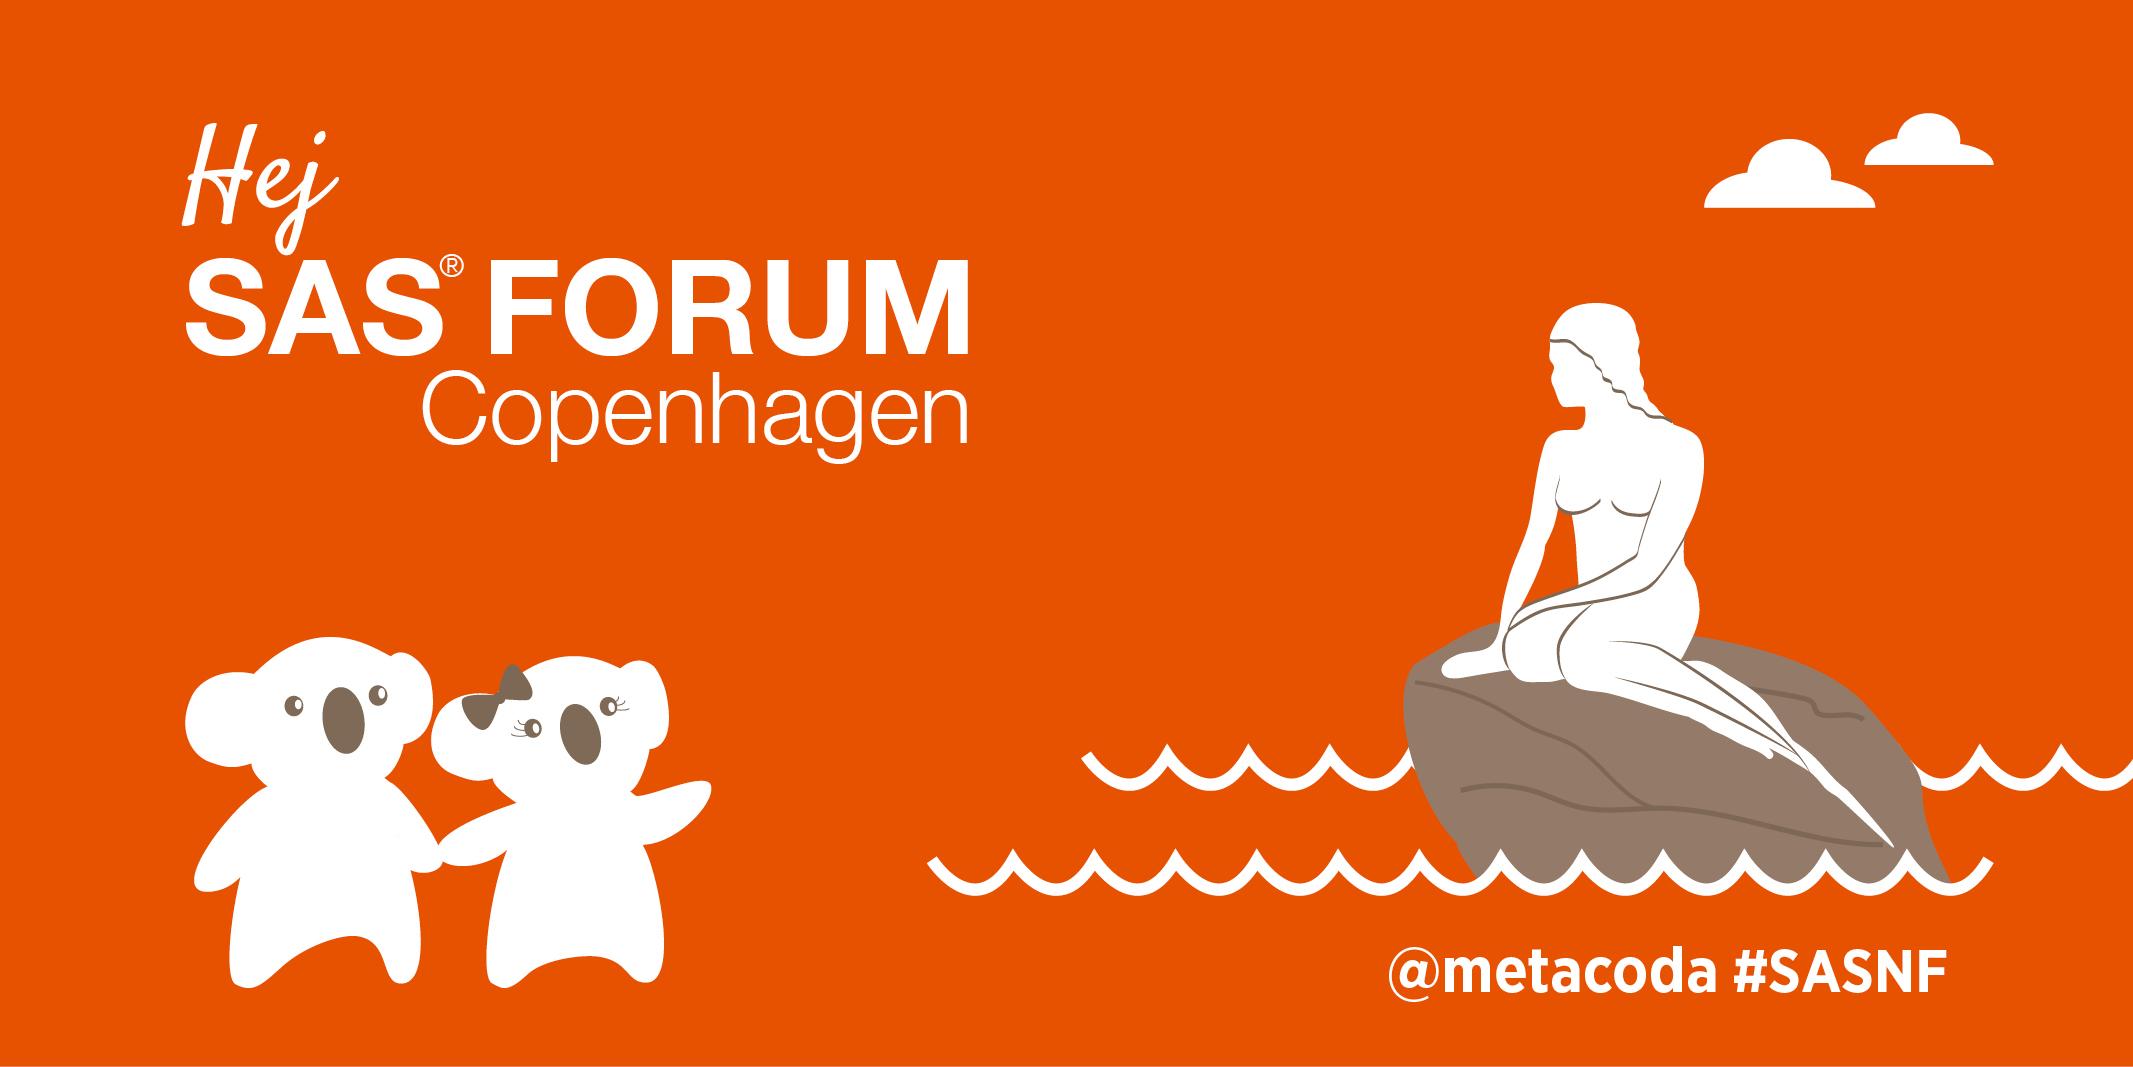 Metacoda SAS Forum Copenhagen 2017 Social Tile